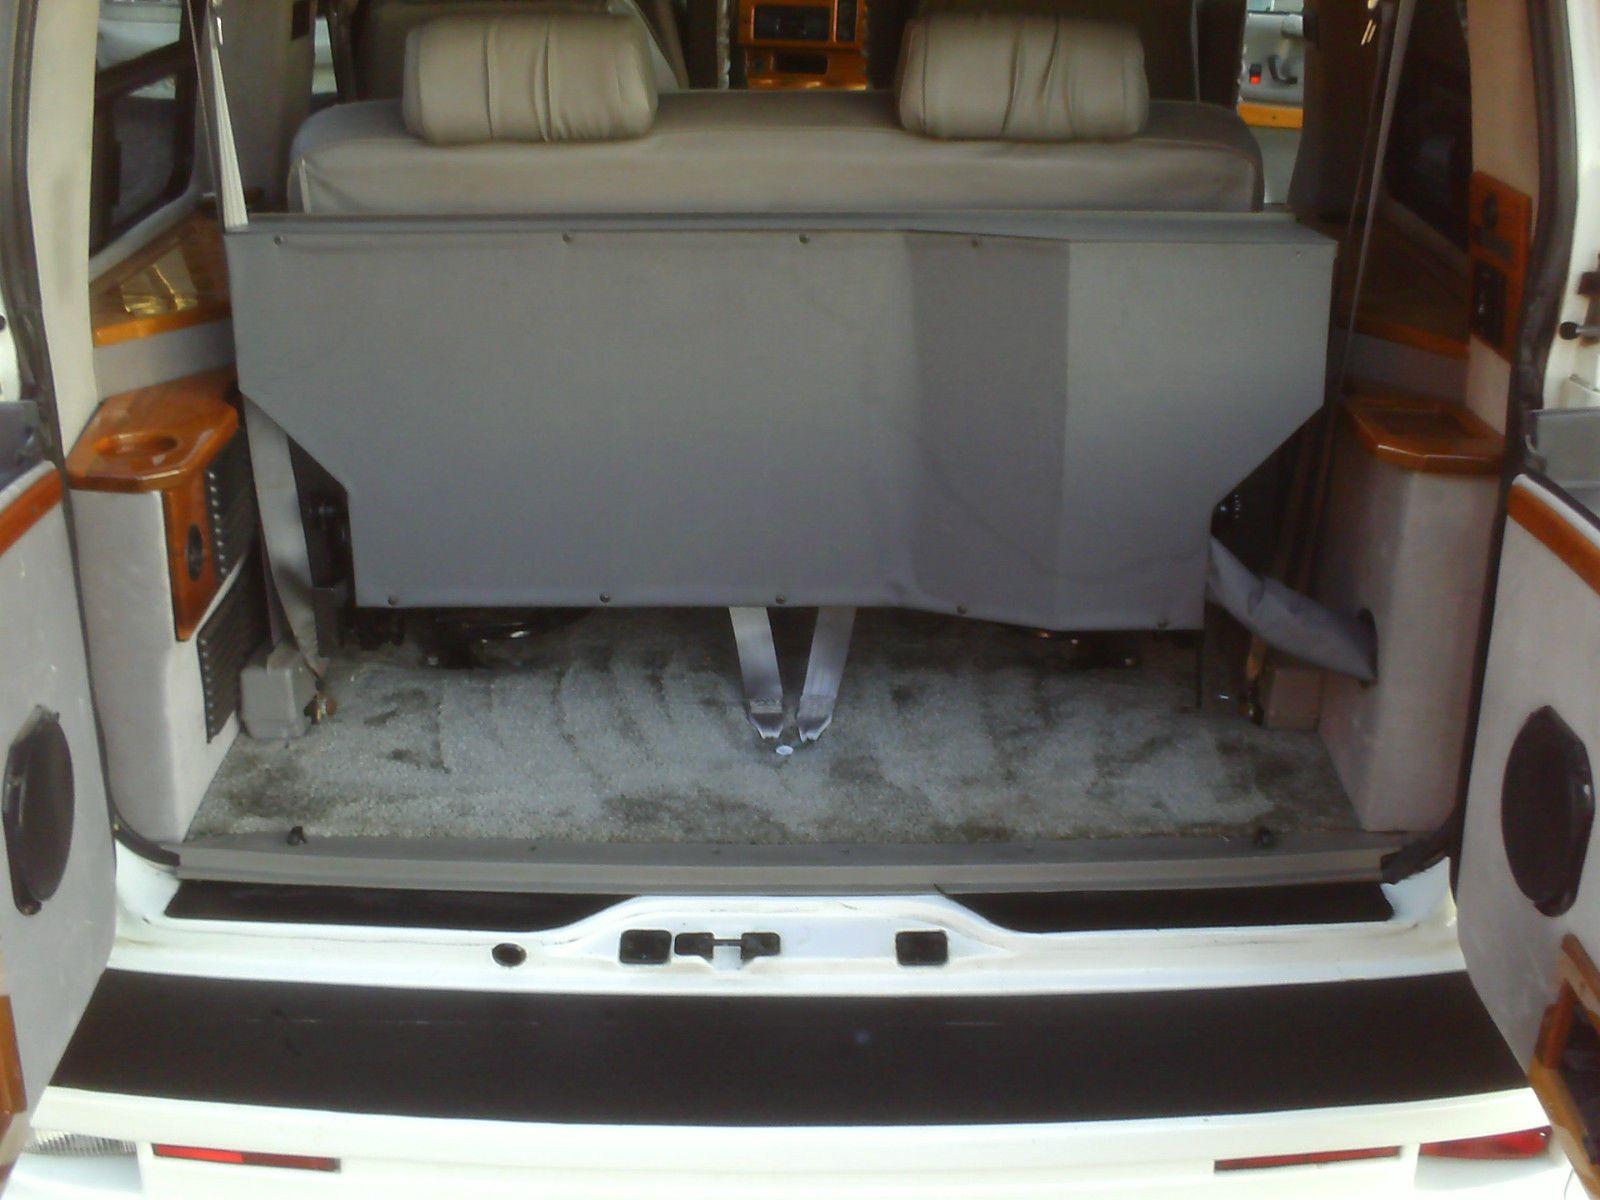 Chevrolet astro day van gmc safari camper mpv starcraft conversion 50 000miles